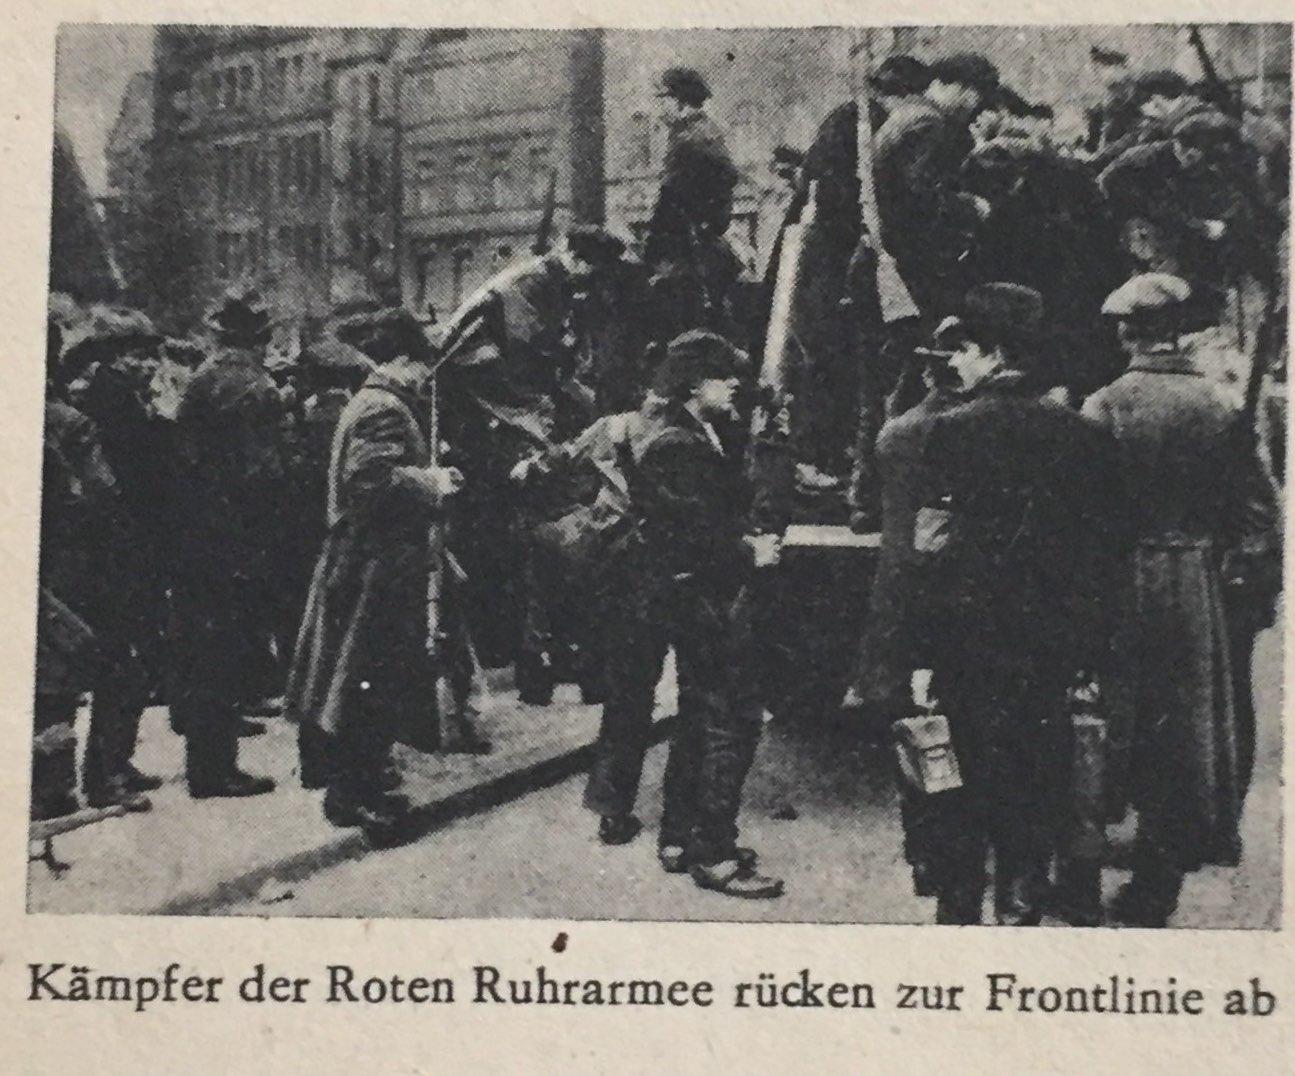 Kämpfer der Roten Ruhrarmee